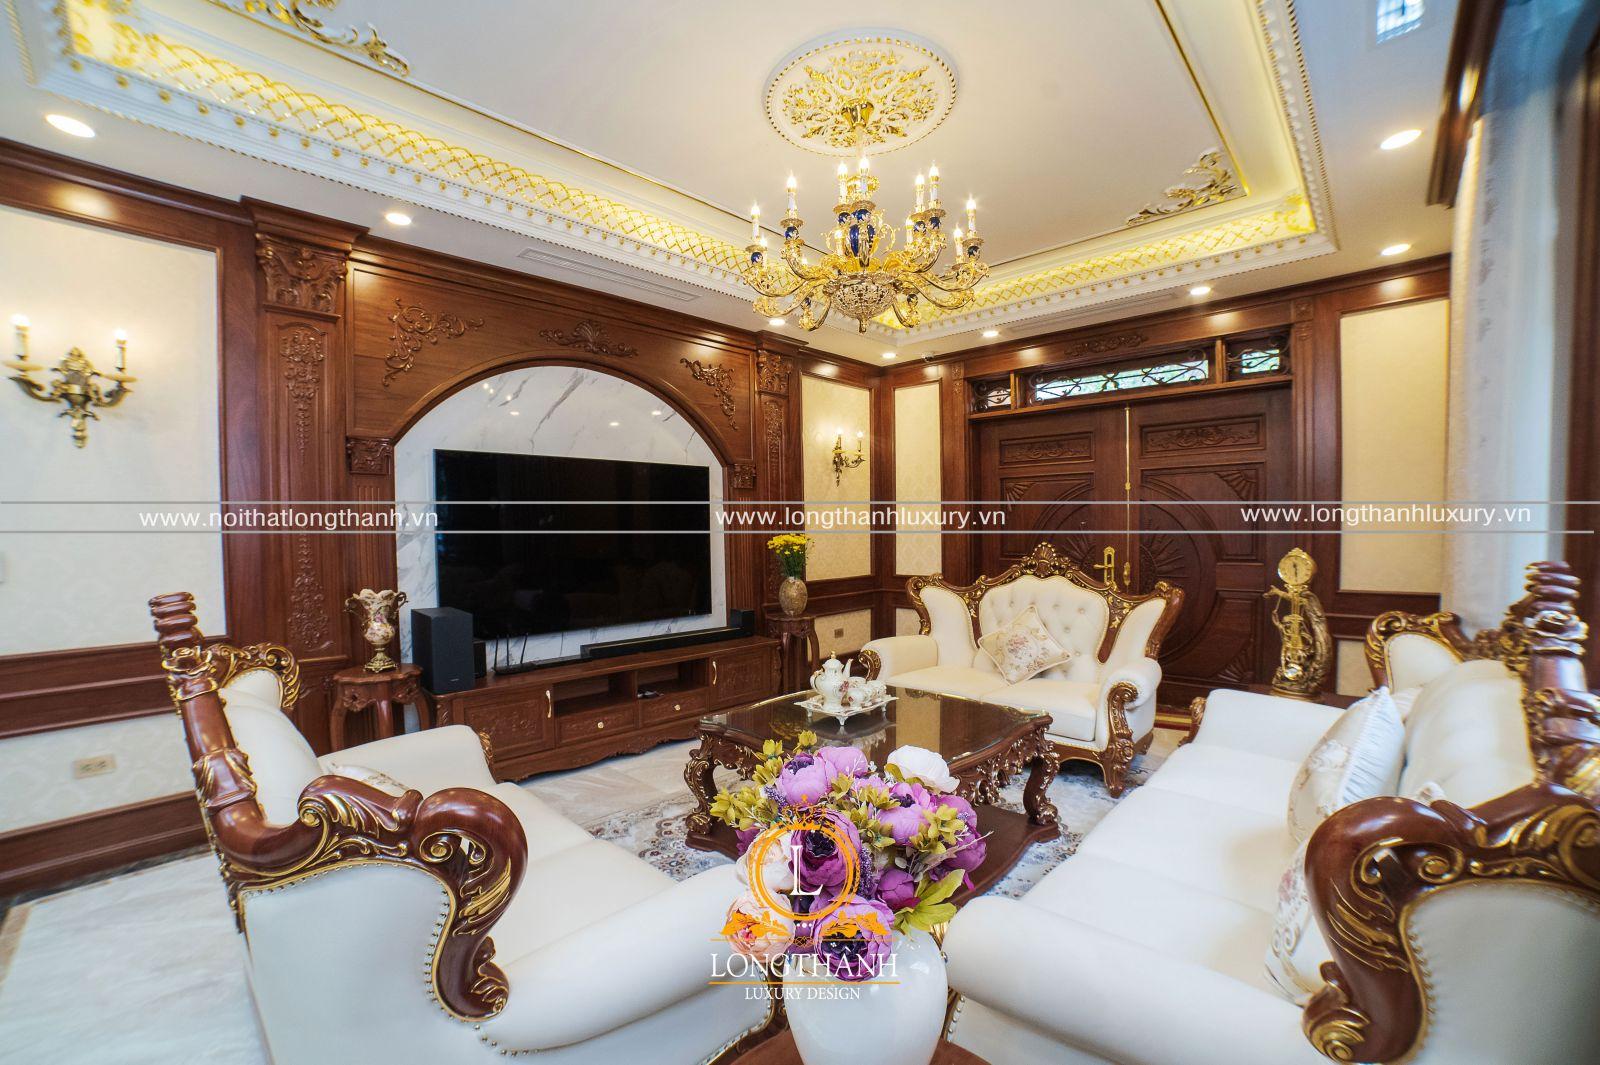 Hình ảnh thực tế sản phẩm nội thất được thiết kế và thi công mang phong cách tân cổ điển